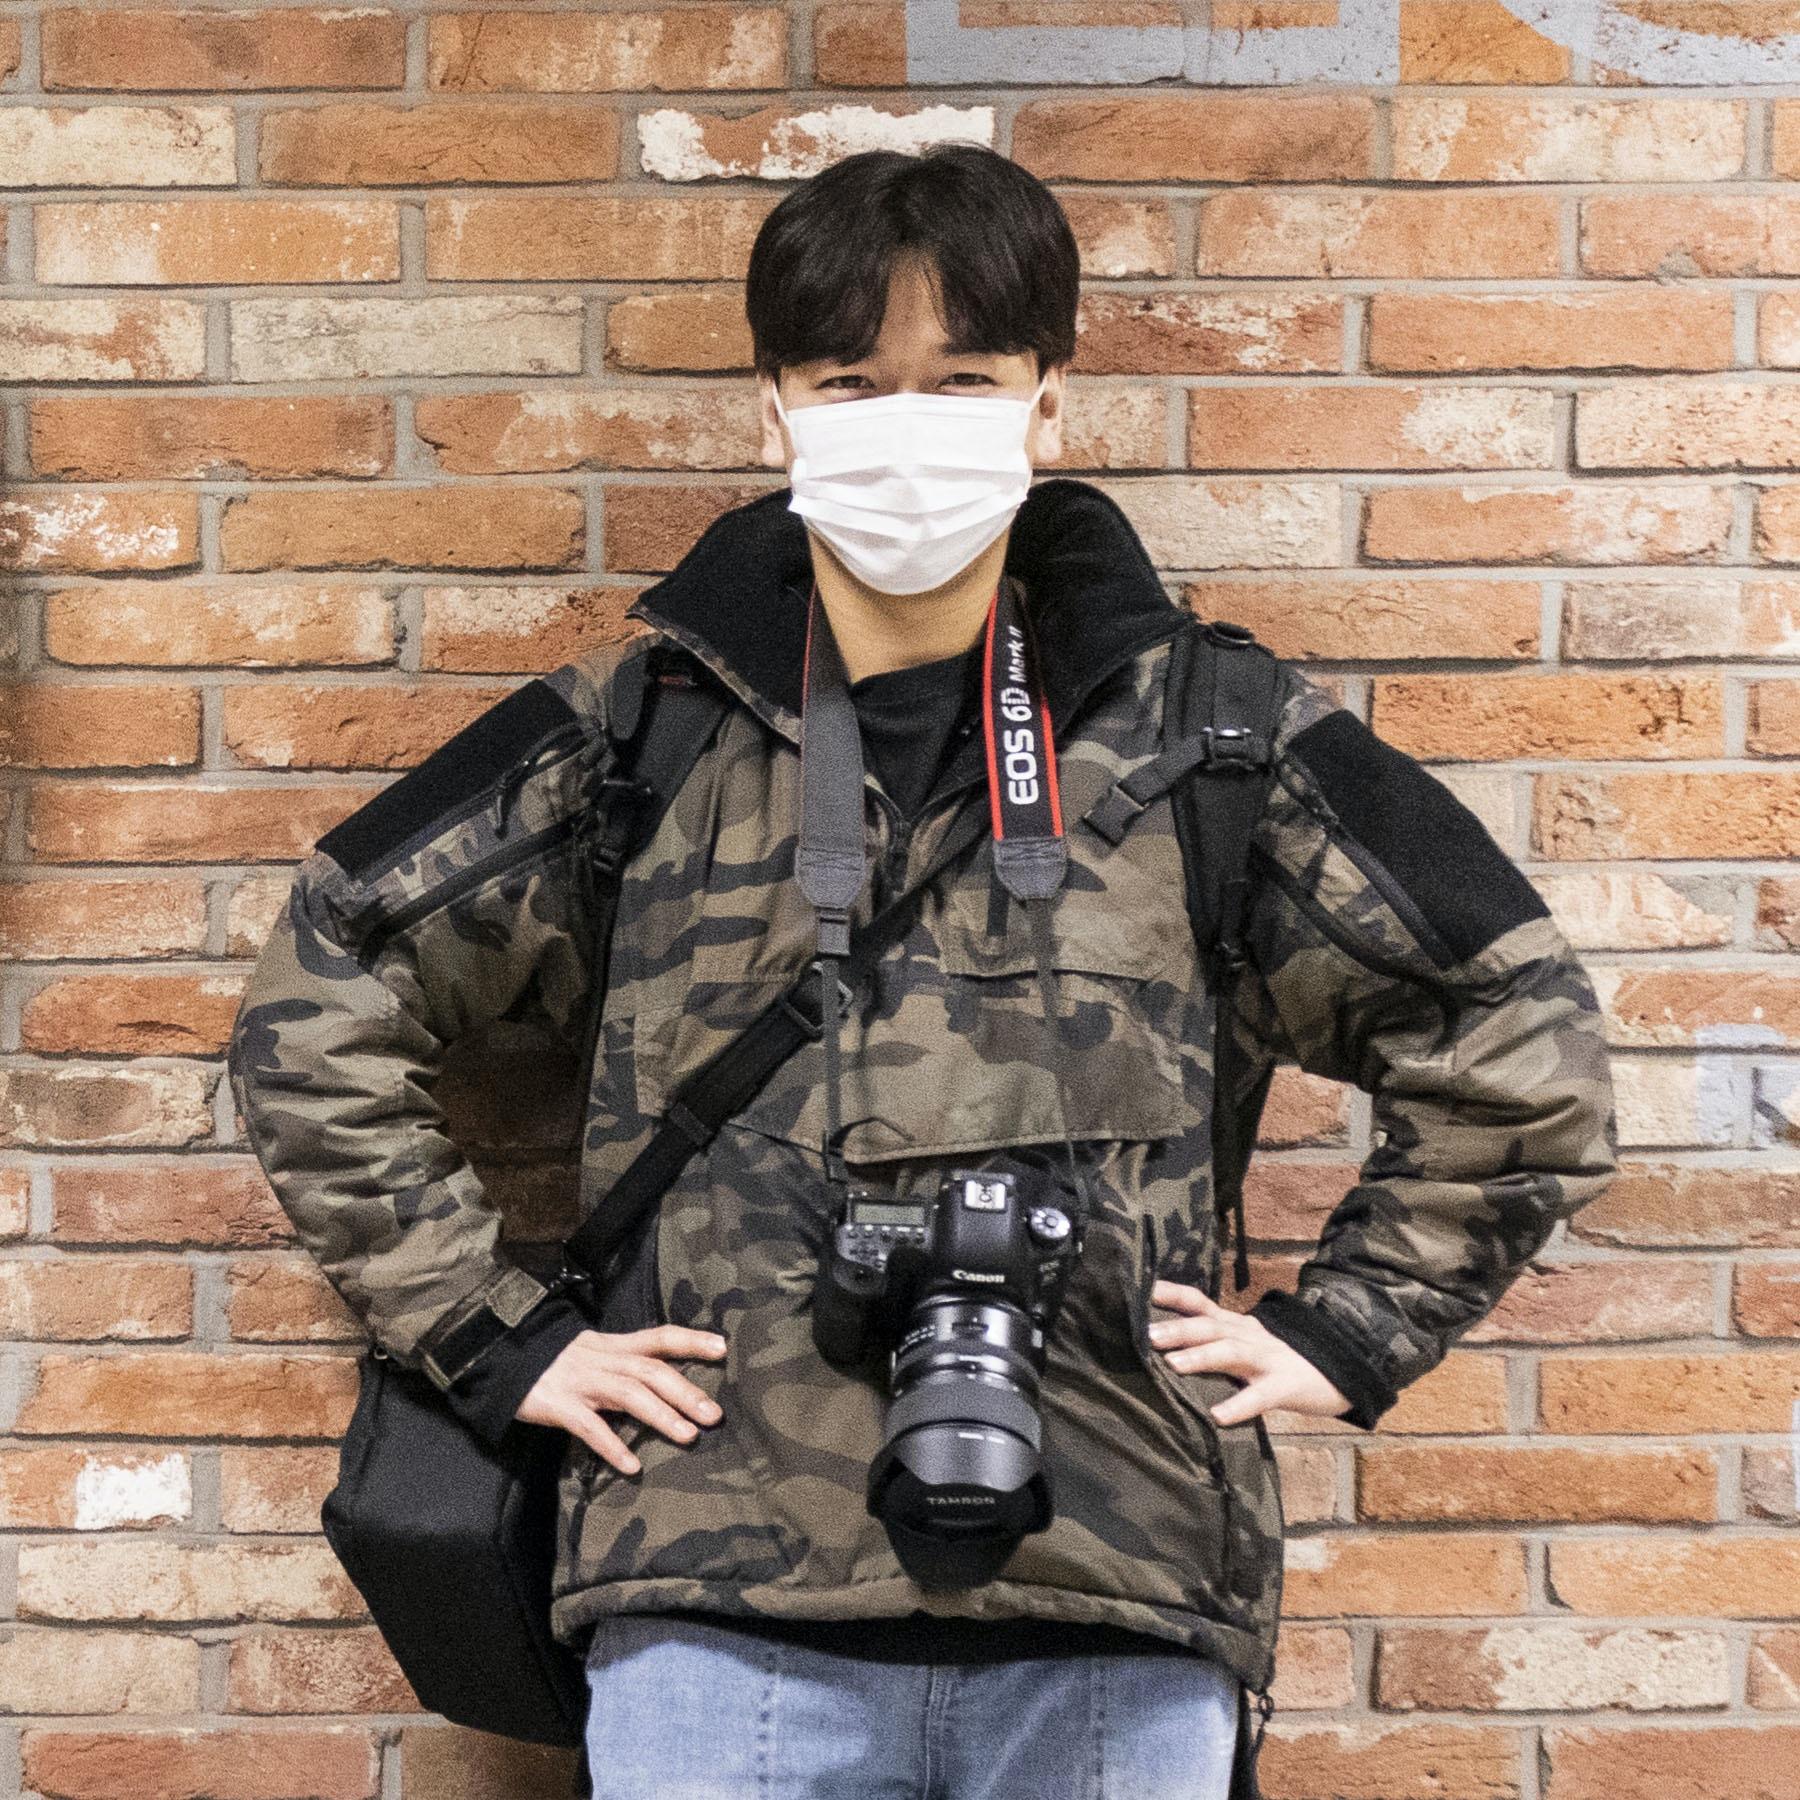 Go to Daniel Lee's profile